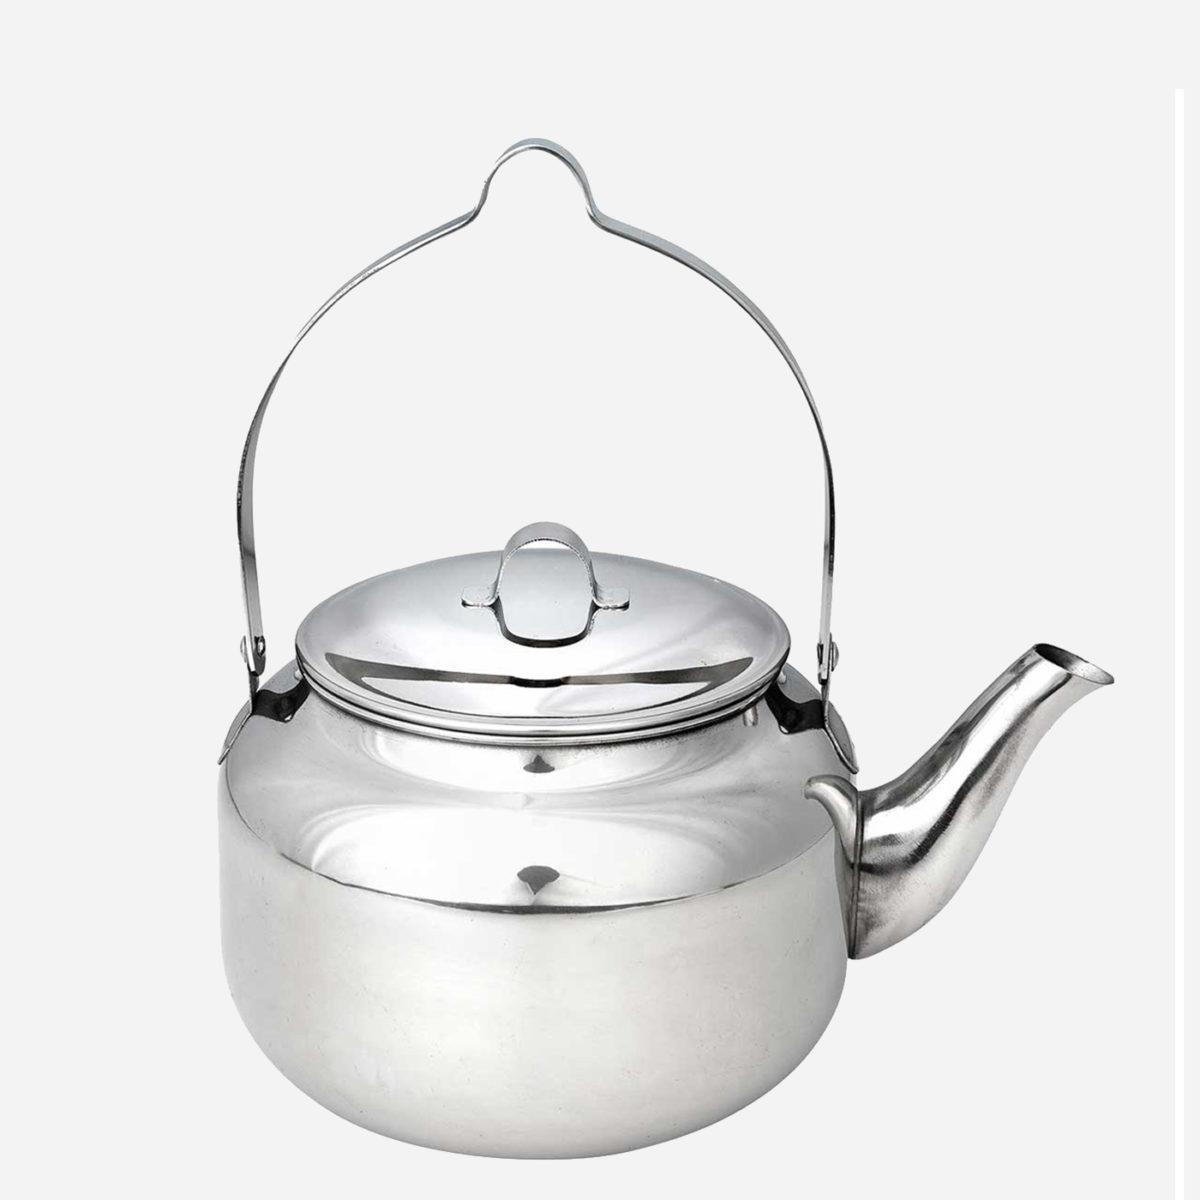 Kaffepanna i rostfritt stål från Hällmark som funkar lika bra på en induktionsspis hemma som över öppen eld ute i naturen.